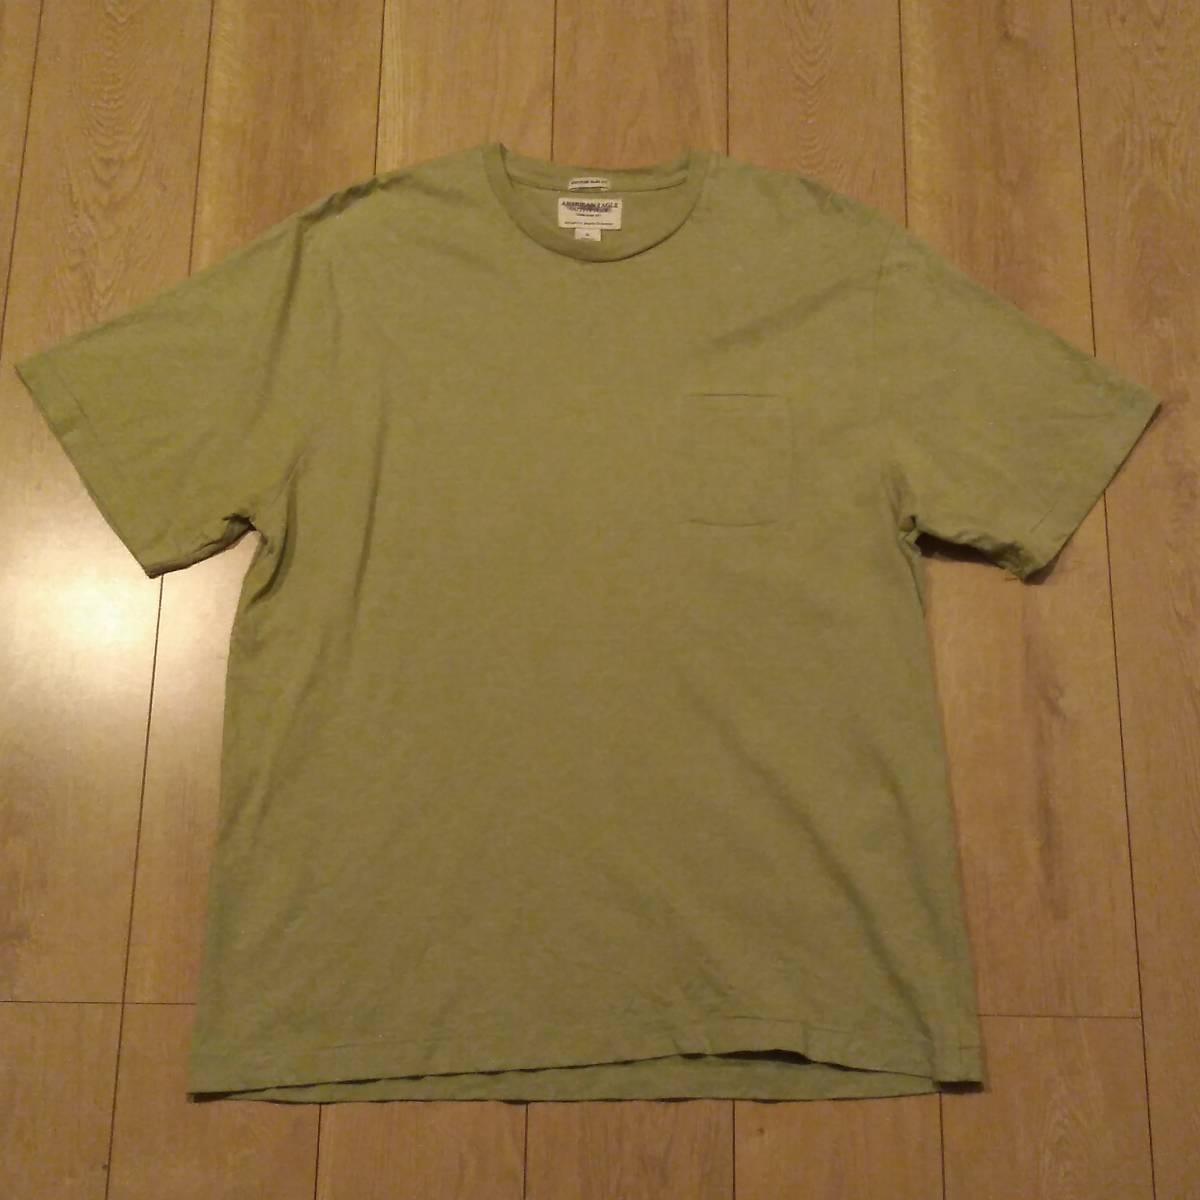 USA古着卸 AMERICAN EAGLE アメリカンイーグル 胸ポケ Tシャツ XL_画像1